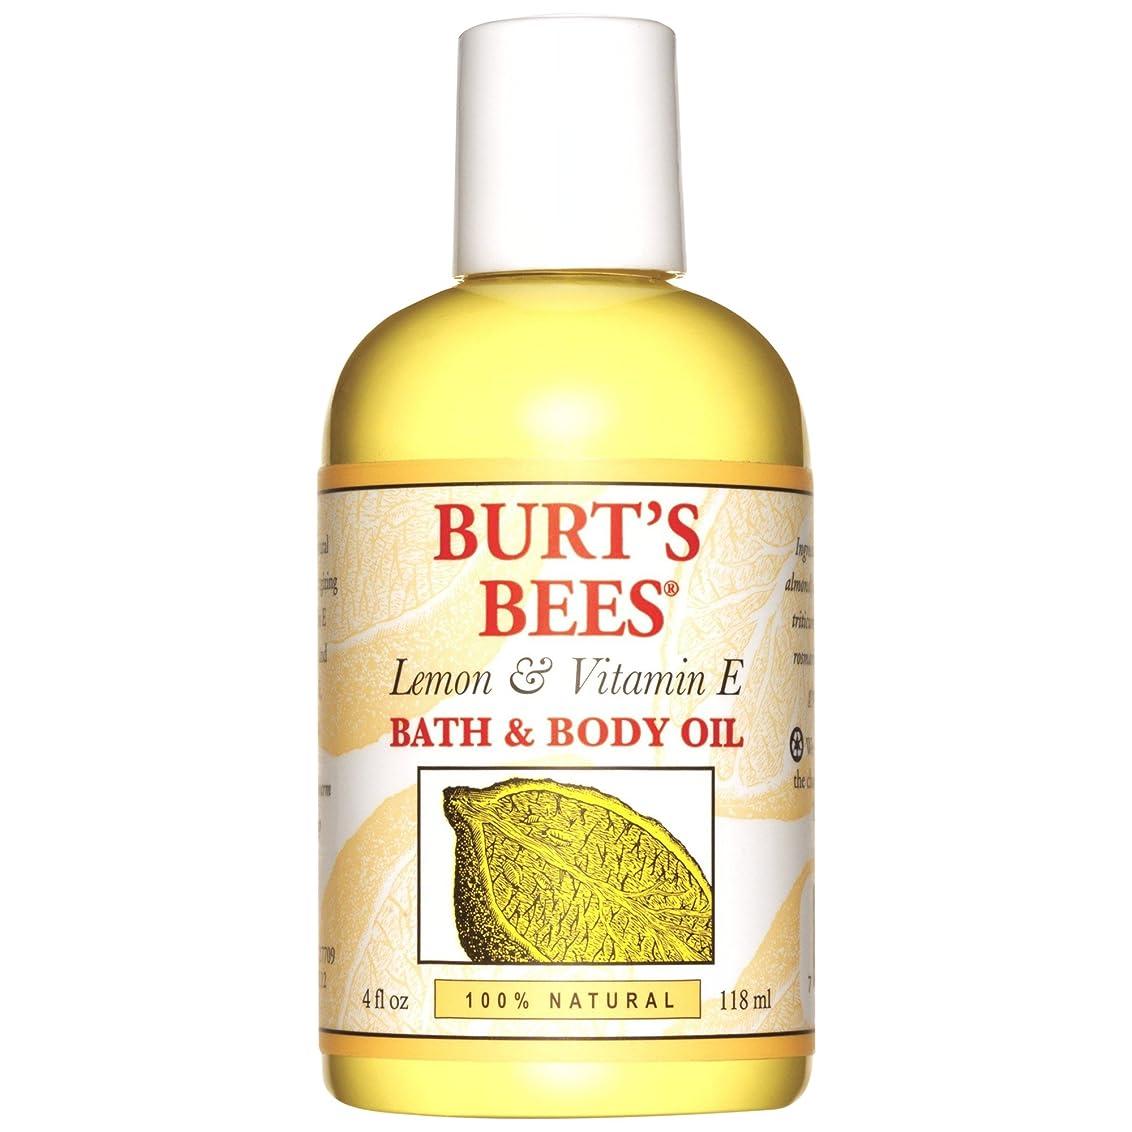 蒸最高結果としてバーツビーレモンとビタミンEバス、ボディオイル118ミリリットル (Burt's Bees) - Burt's Bees Lemon and Vitamin E Bath and Body Oil 118ml [並行輸入品]